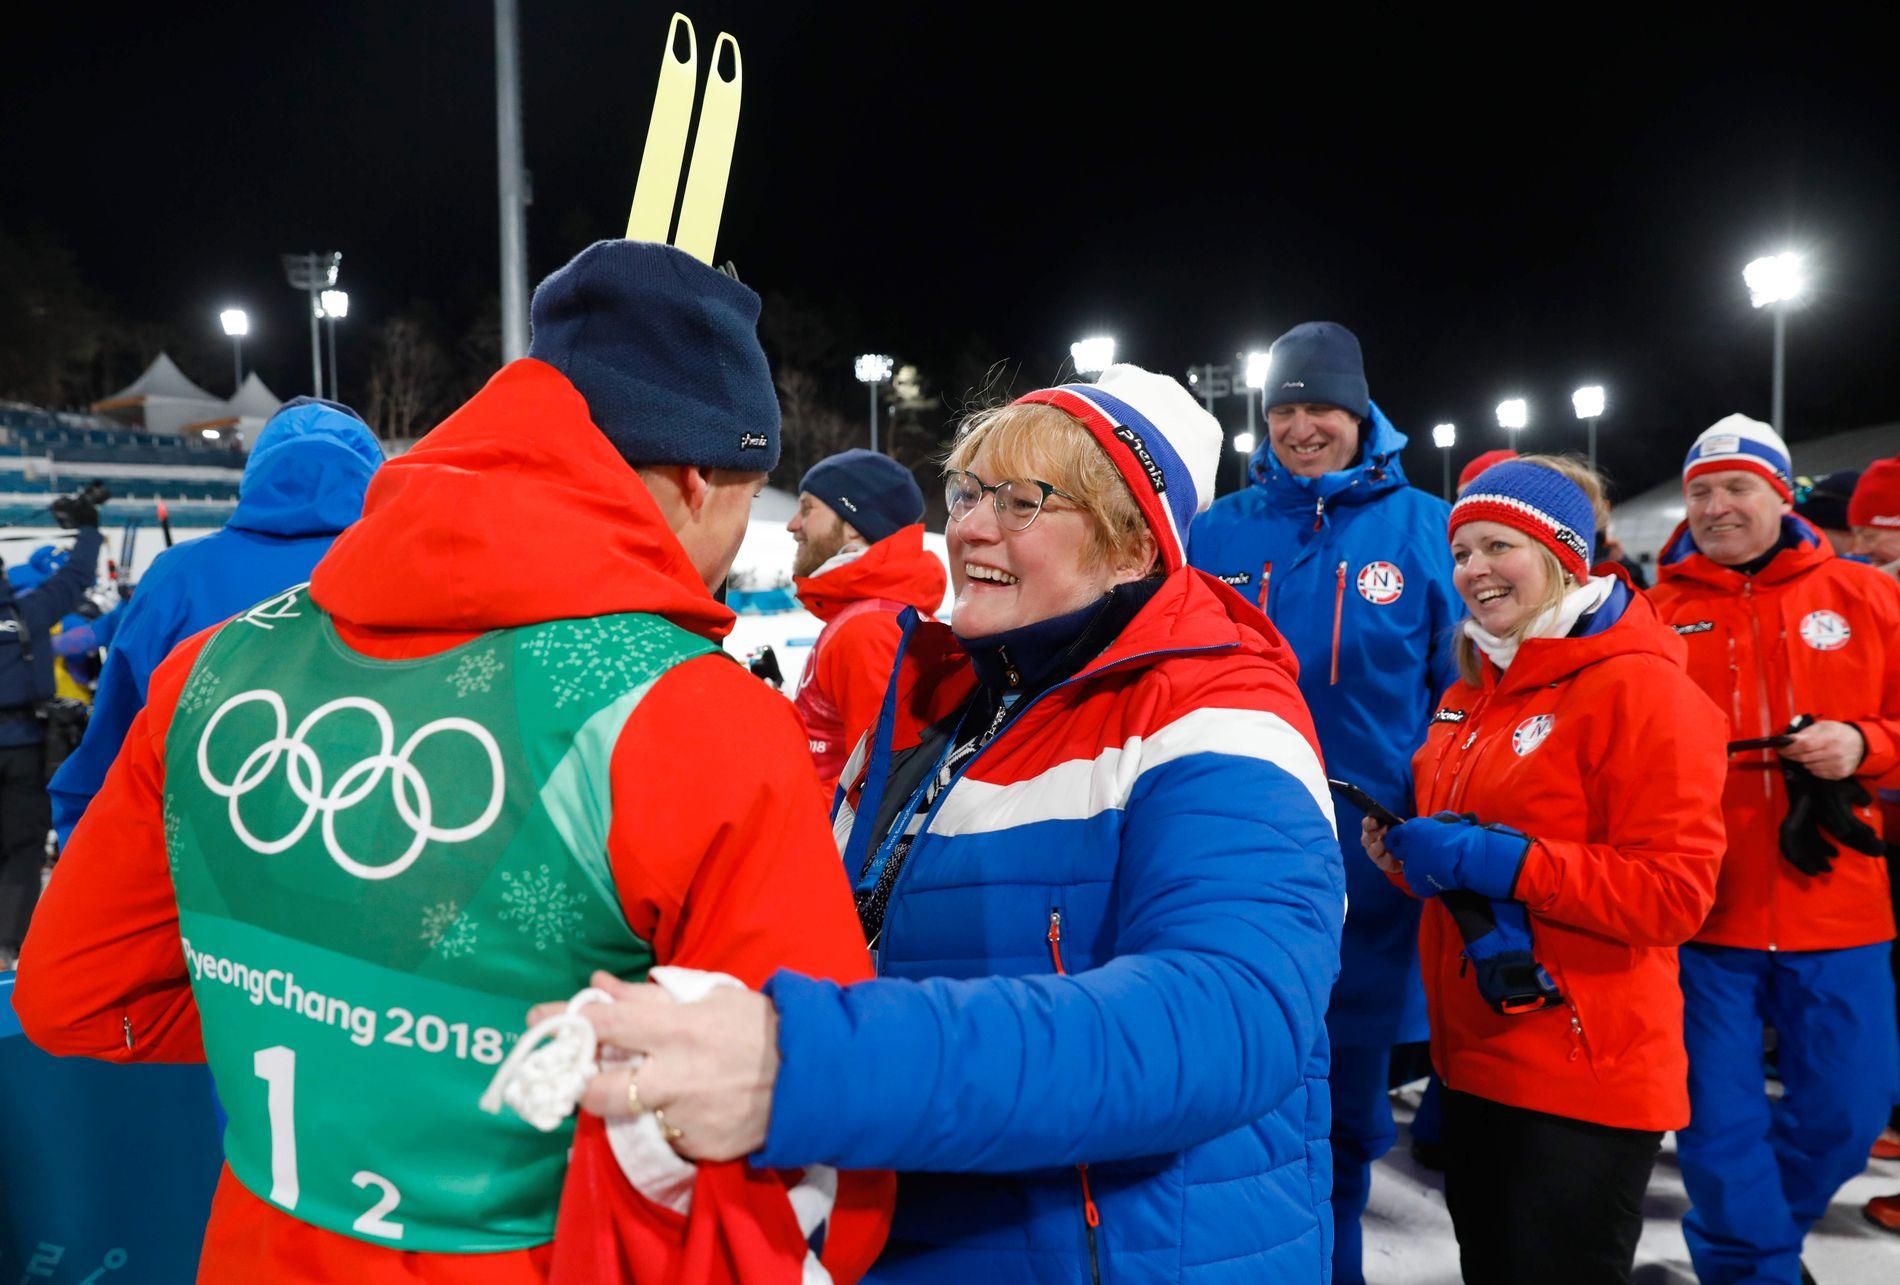 AVVENTENDE: Kulturminister Trine Skei Grande gratulerer Johannes Høsflot klæbo med sprintgullet i Pyeongchang, men vil foreløpig ikke flagge noen støtte til et nytt Lillehammer-OL.